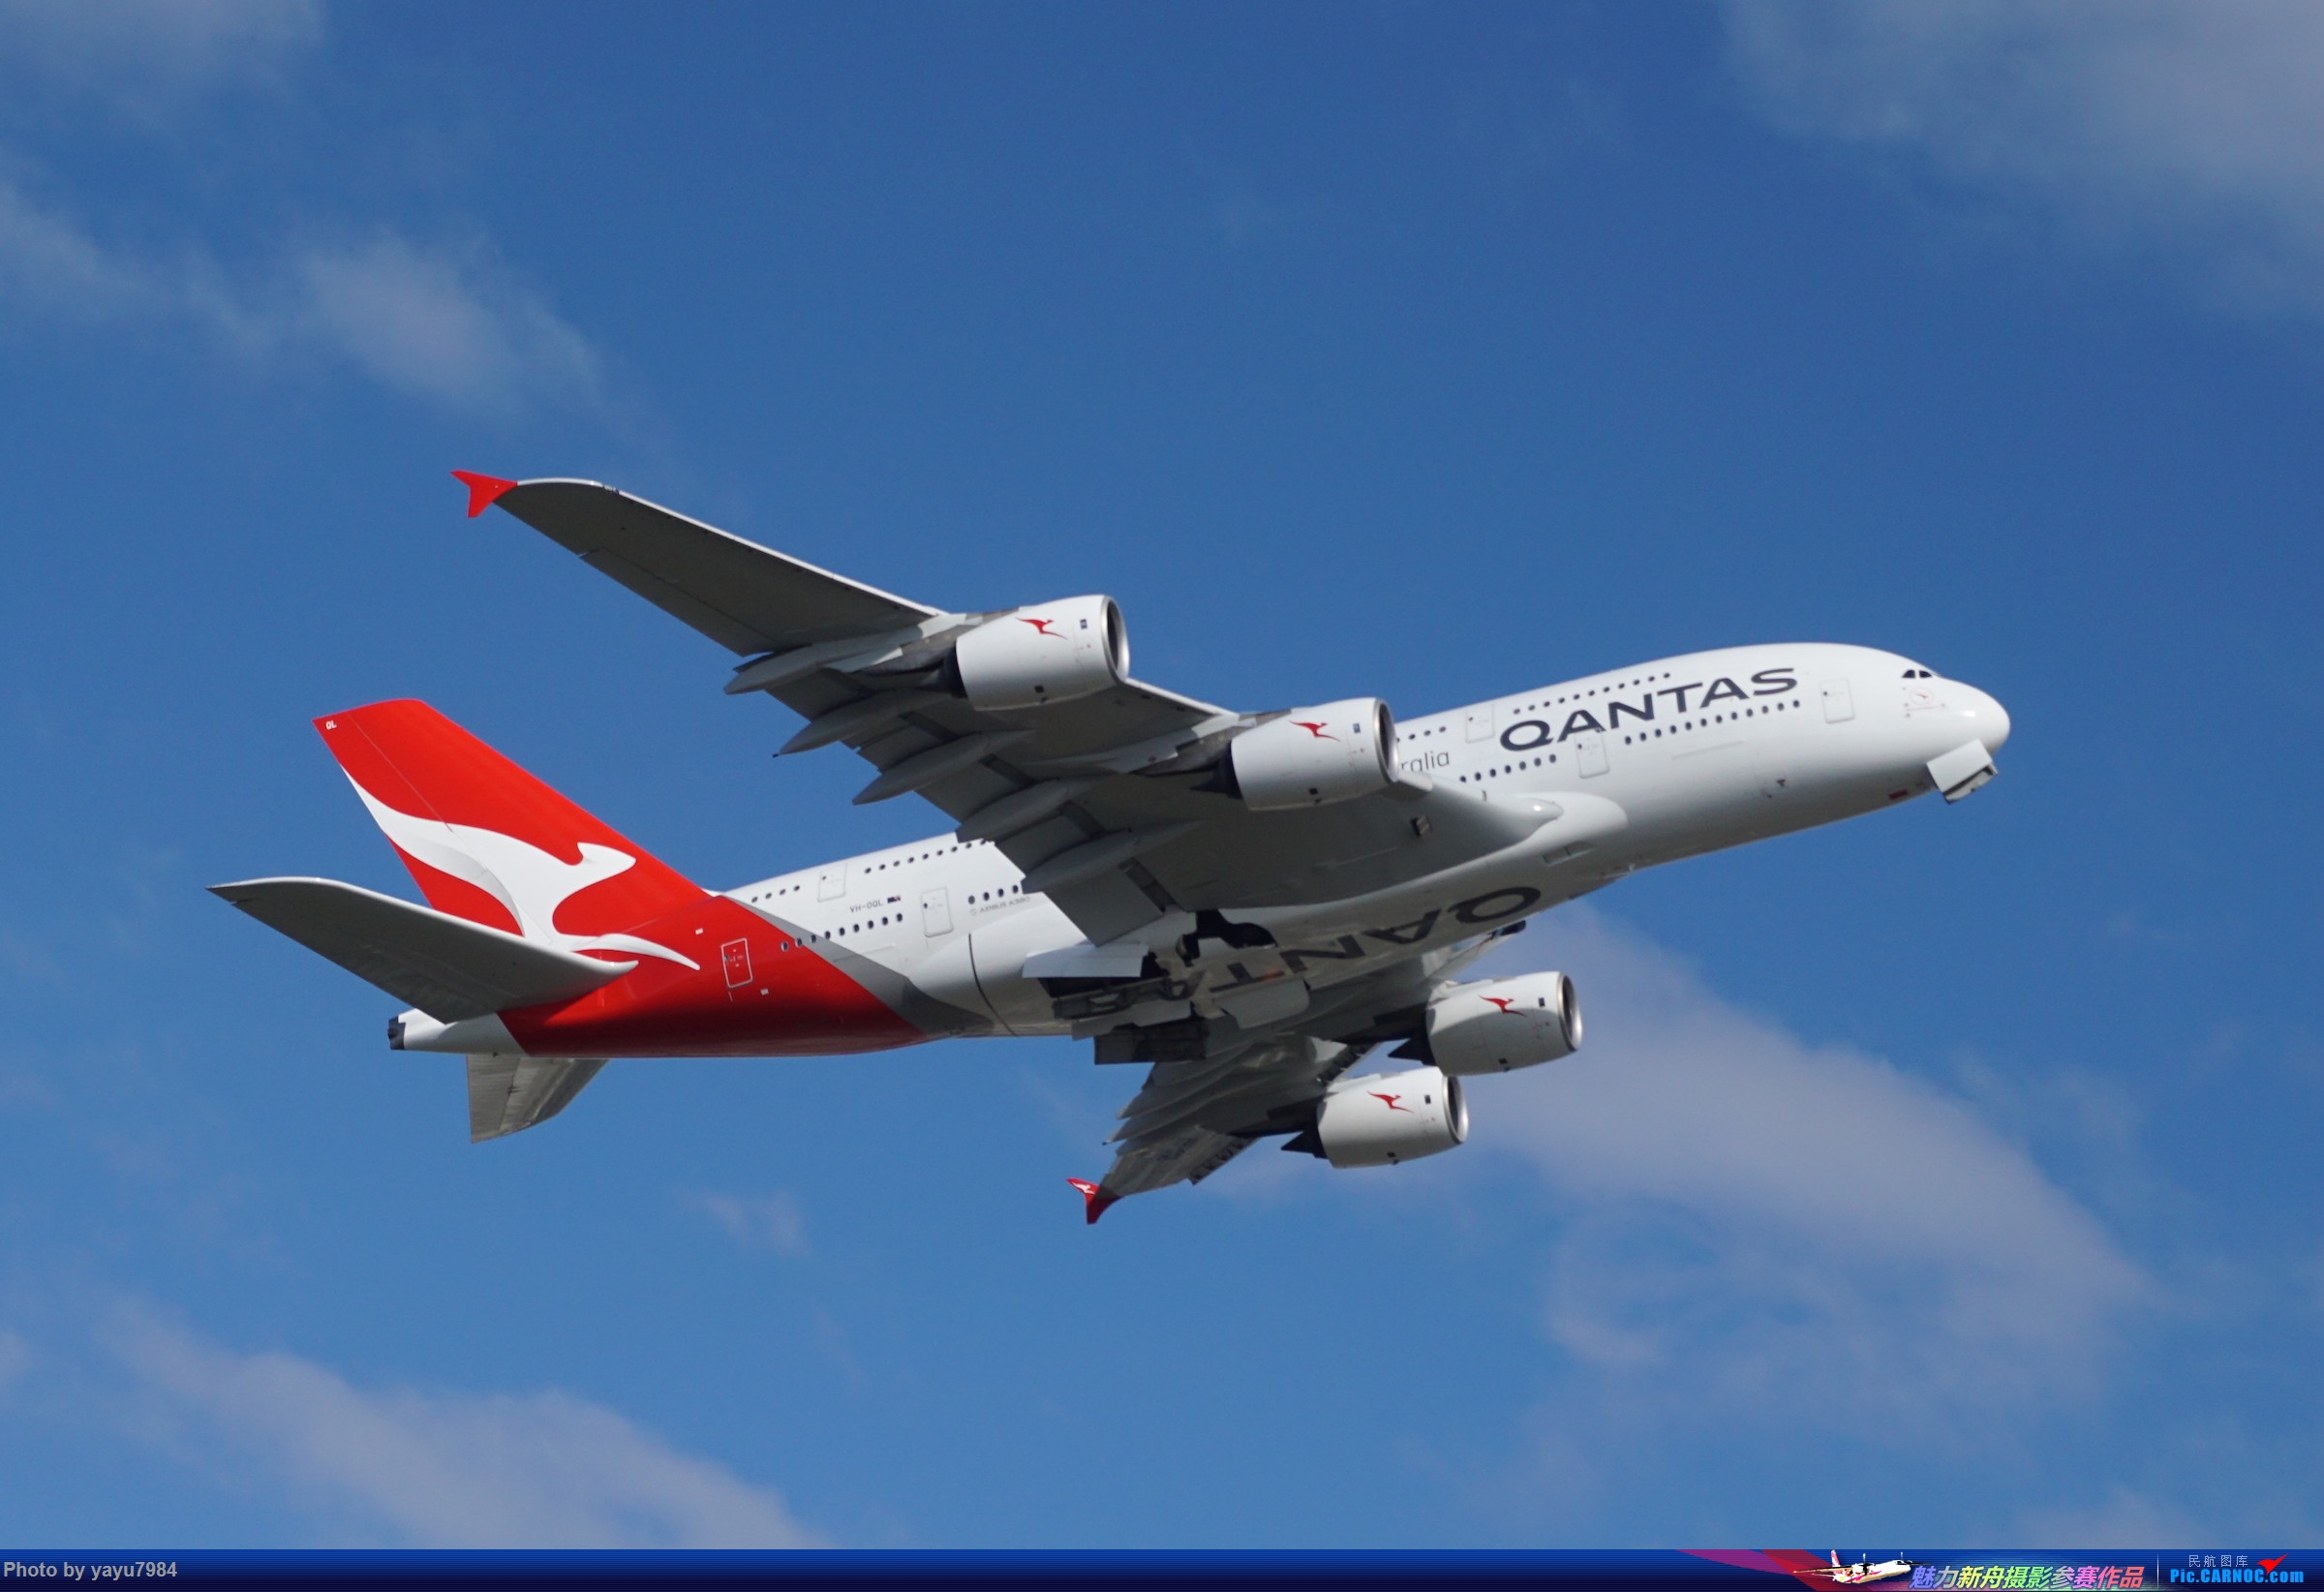 [原创][SYD] 近期随摄,收获颇多 AIRBUS A380-800 VH-OQL 澳大利亚悉尼金斯福德·史密斯机场